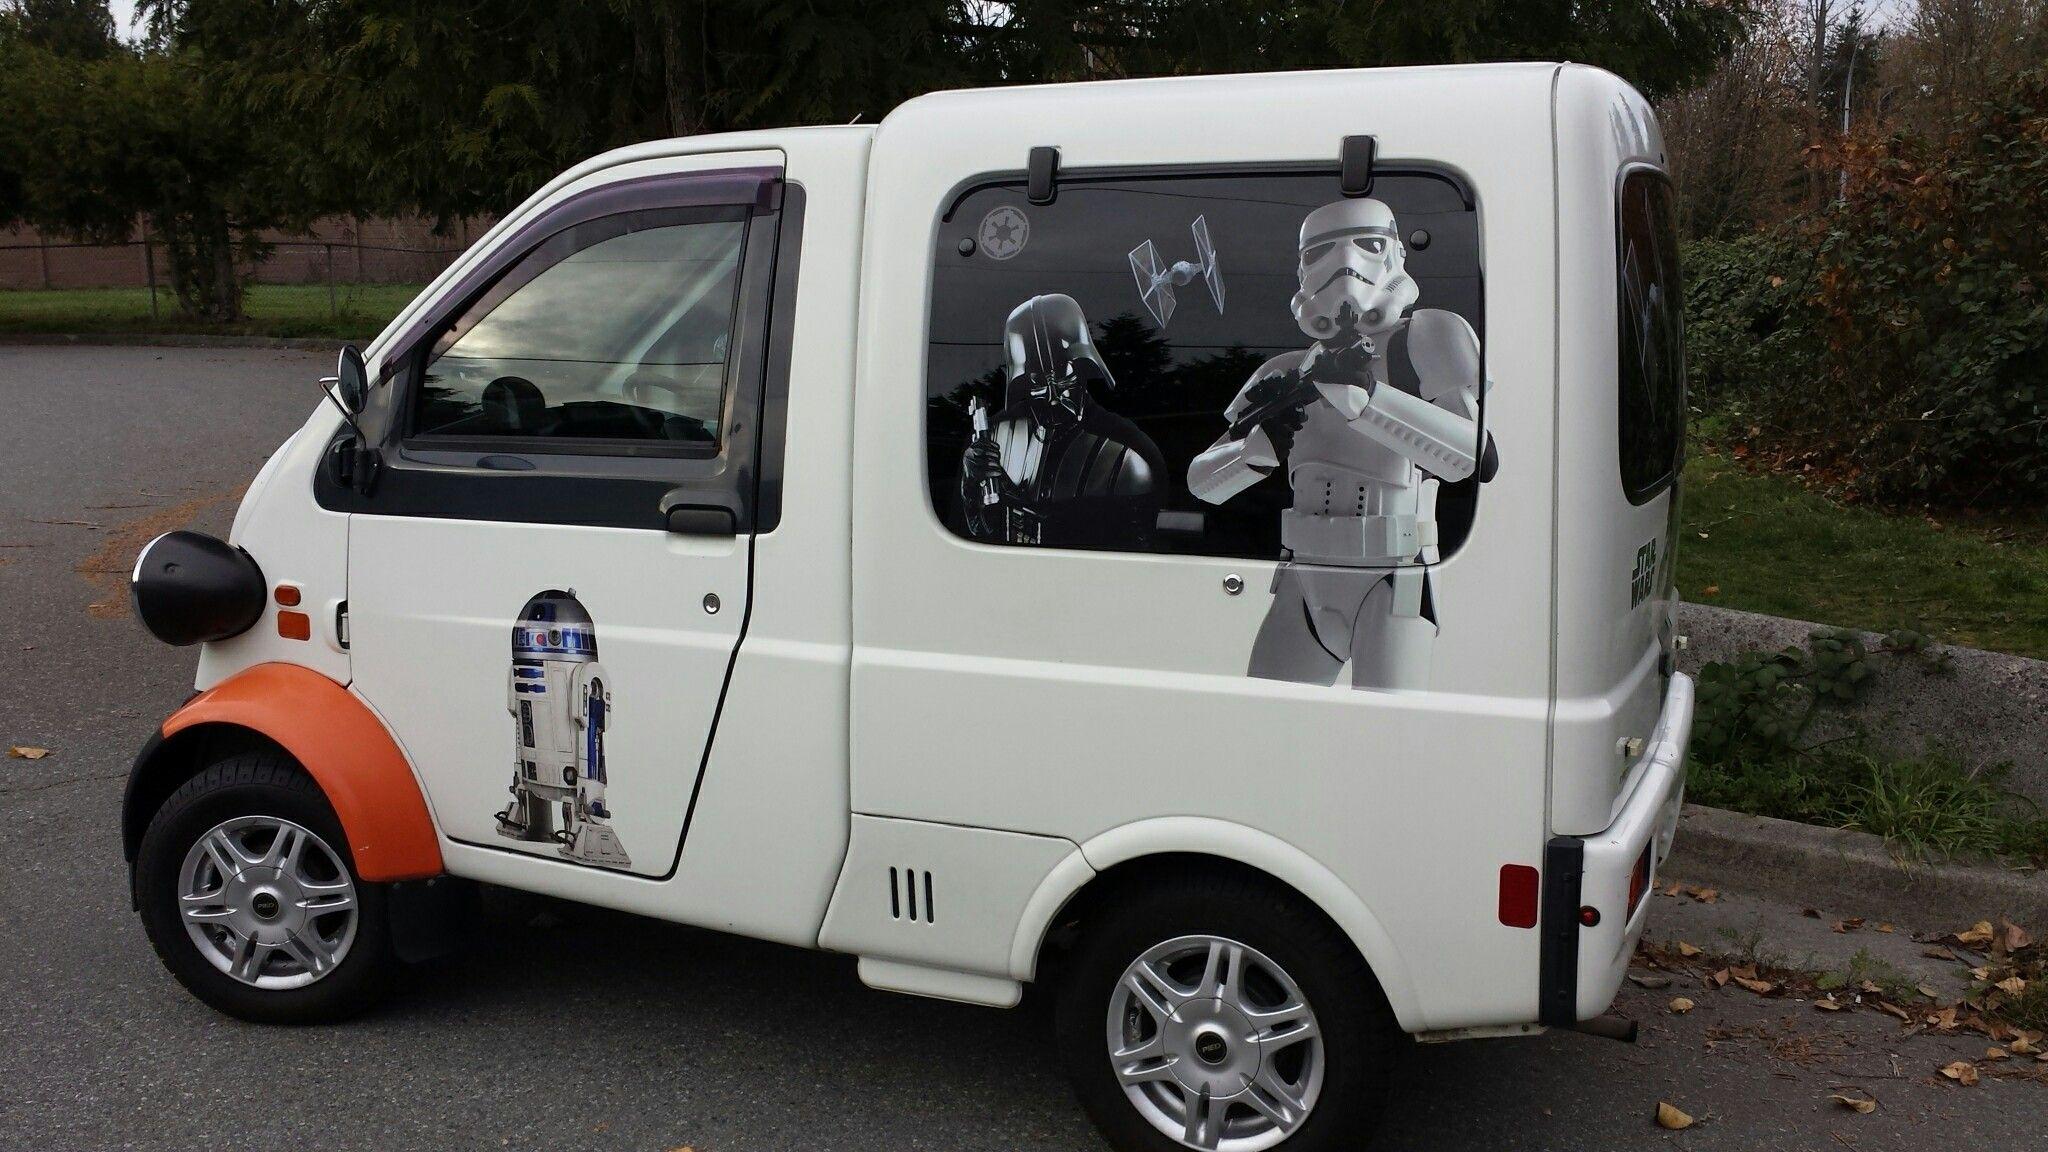 98 Daihatsu Midget Ii Star Wars Edition Vancouver B C Daihatsu